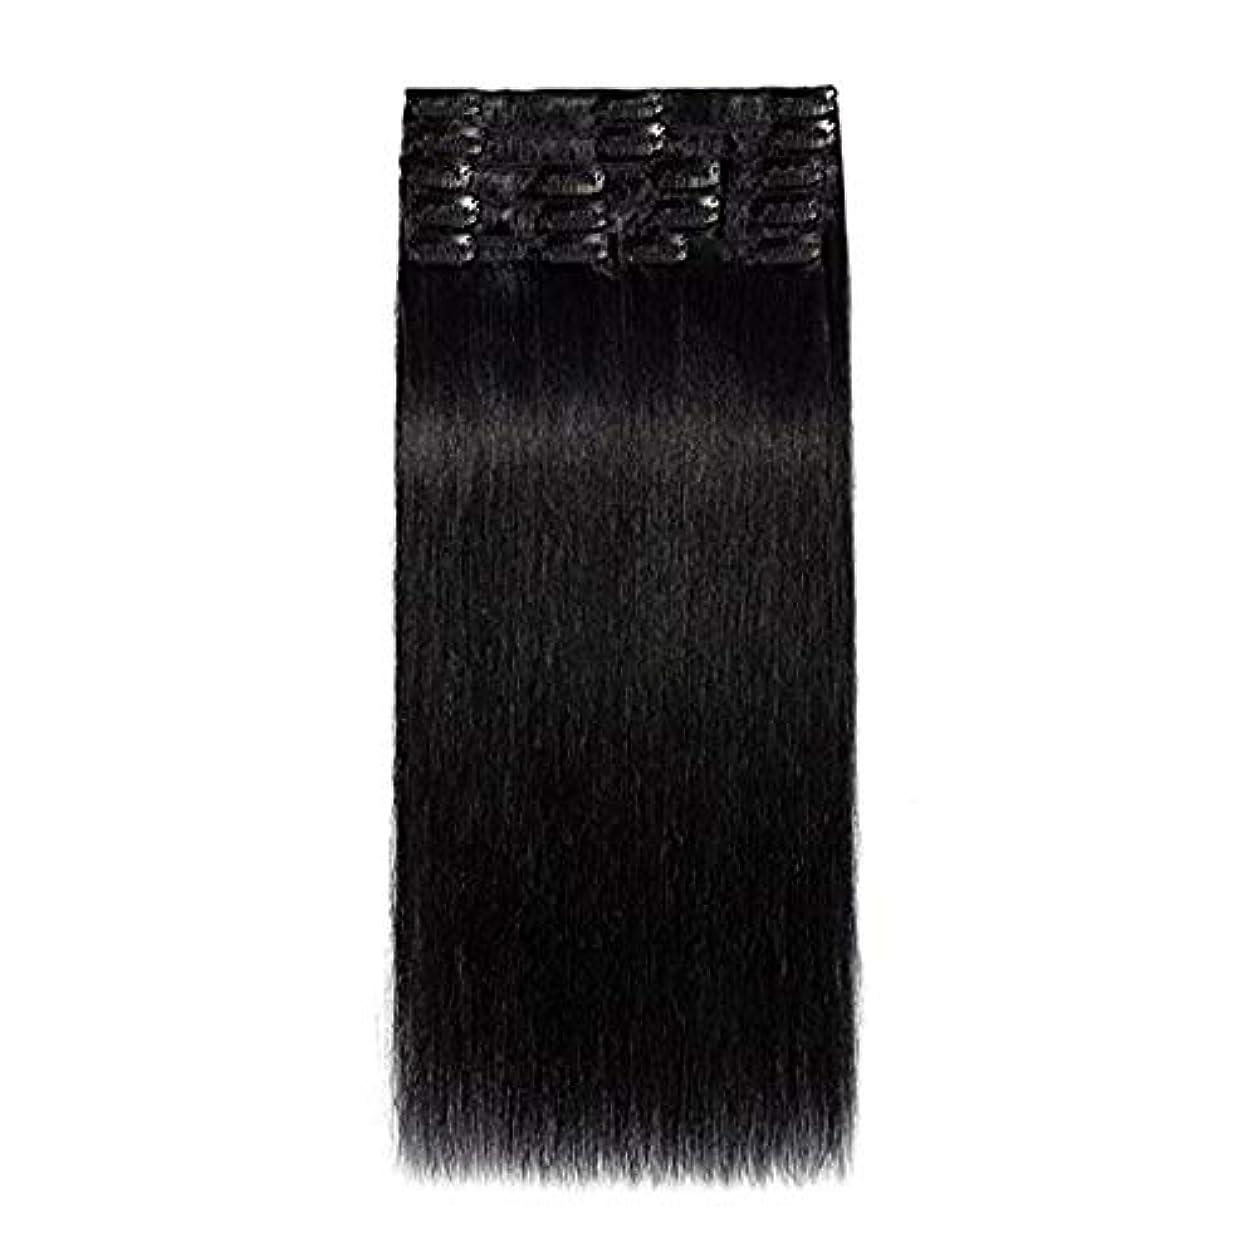 切るつかの間スペイン語WASAIO 人間のレミーヘアエクステンションクリップUnseamed髪型標準横糸クリップ - 8個のフルヘッドUnbowed 10「-28」 (色 : 黒, サイズ : 14 inch)